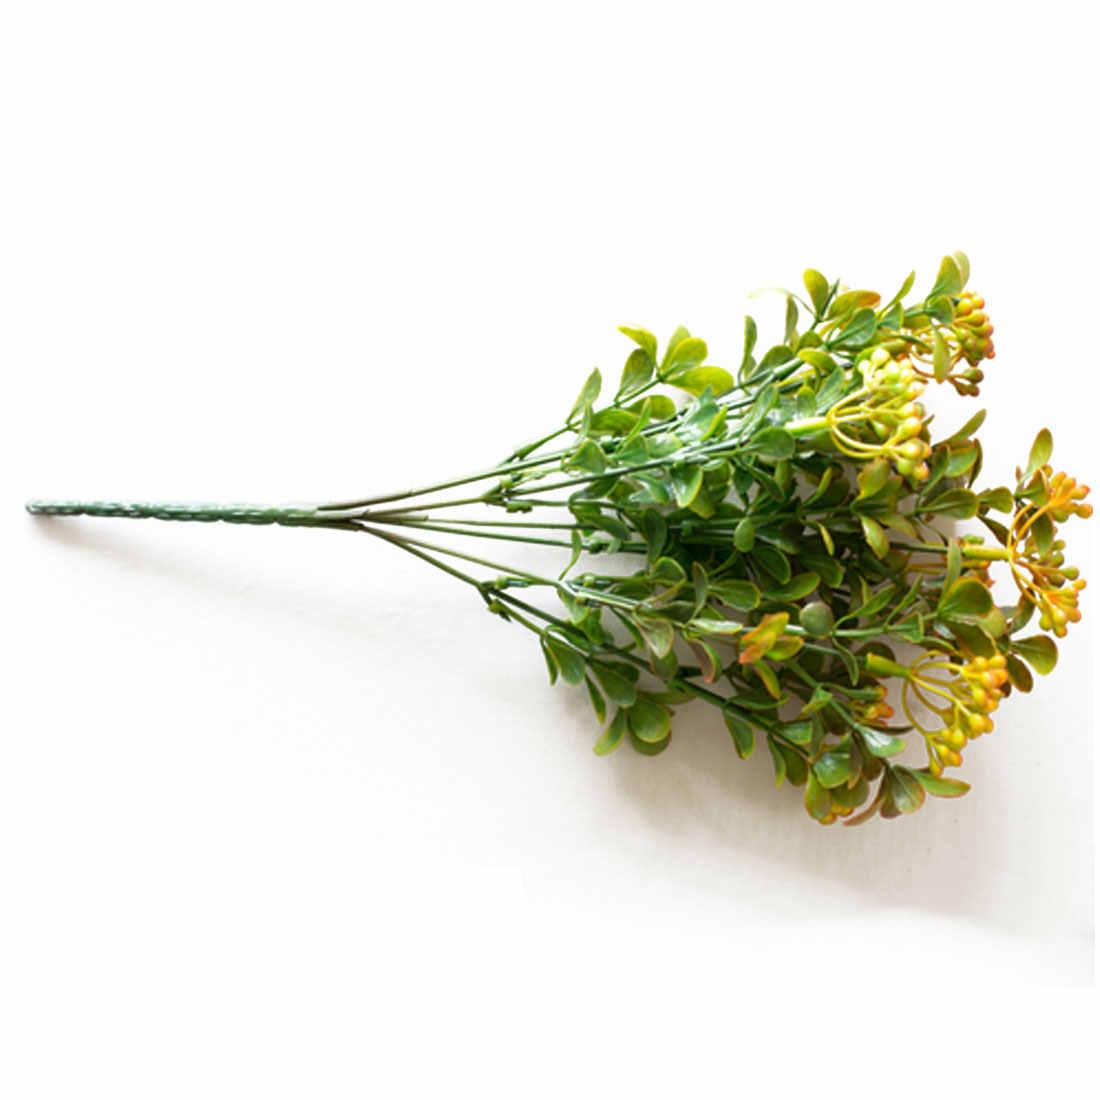 Baies artificielles 7 branches bouquet vert de fleurs artificielles plantes fruitières Mini feuille décoration de mariage en plein air